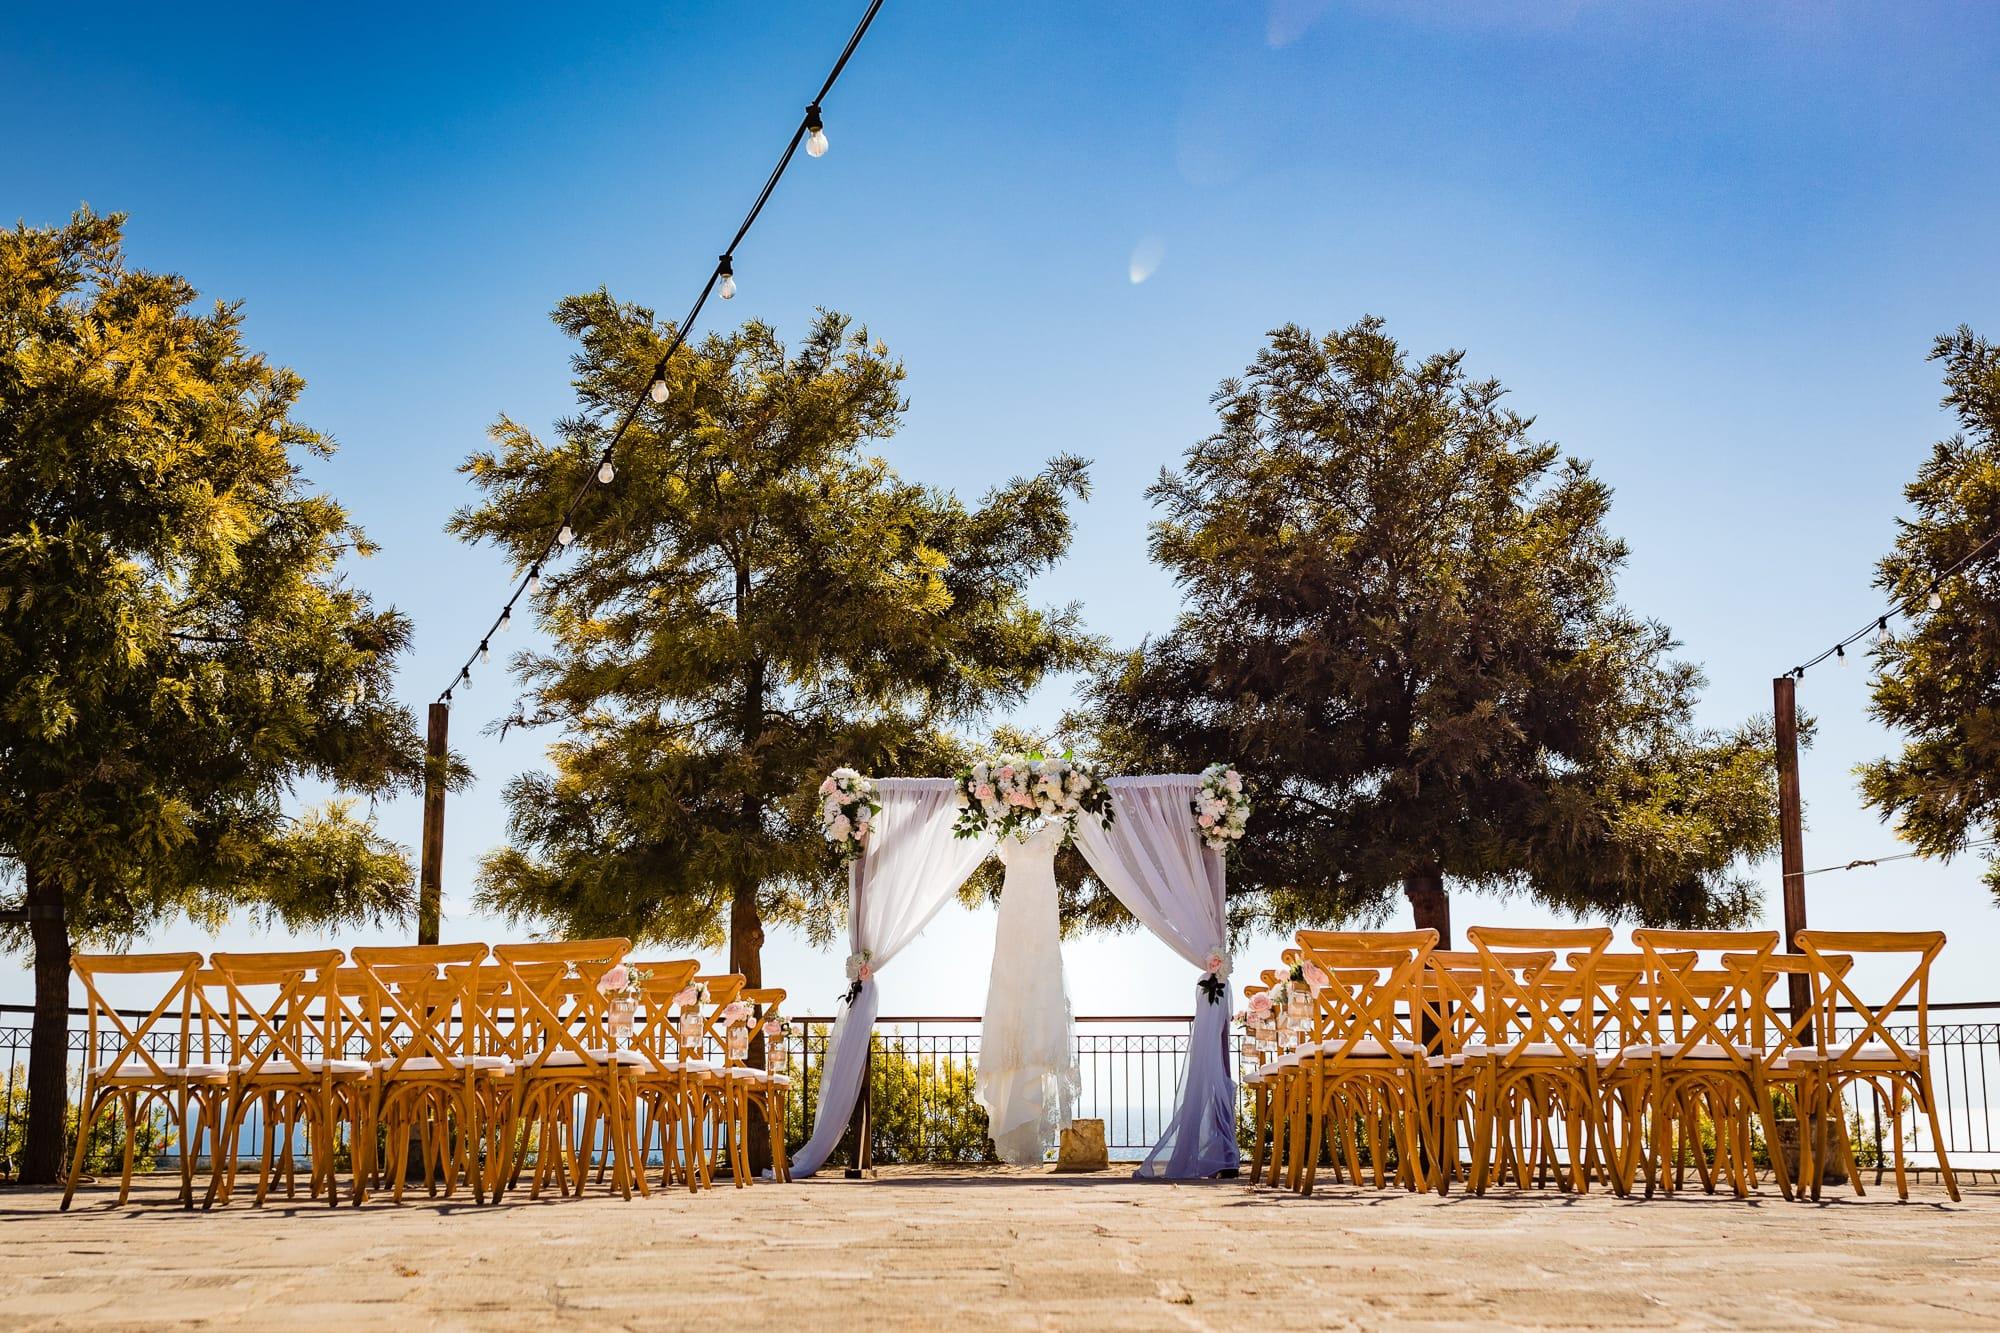 Bride and Groom Liopetro Venue Paphos Cyprus Wedding